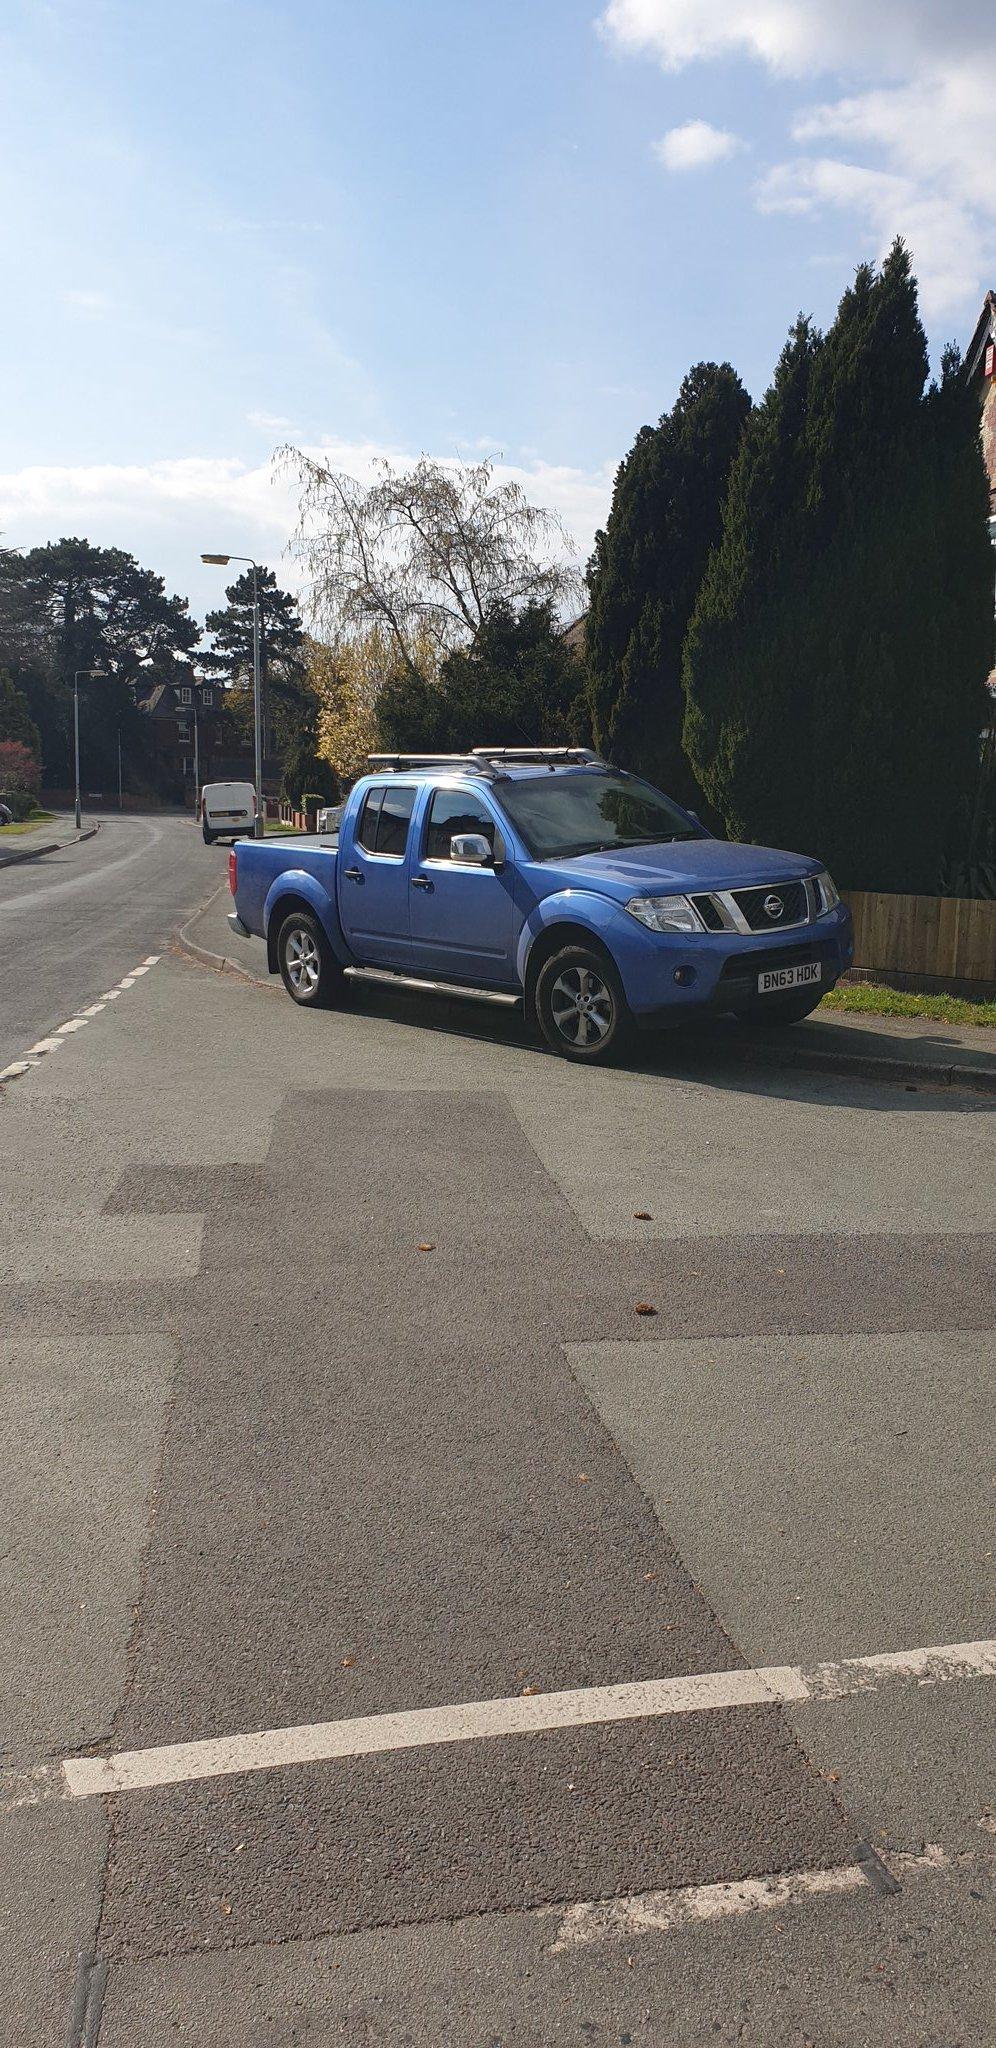 BN63 HDK displaying Selfish Parking